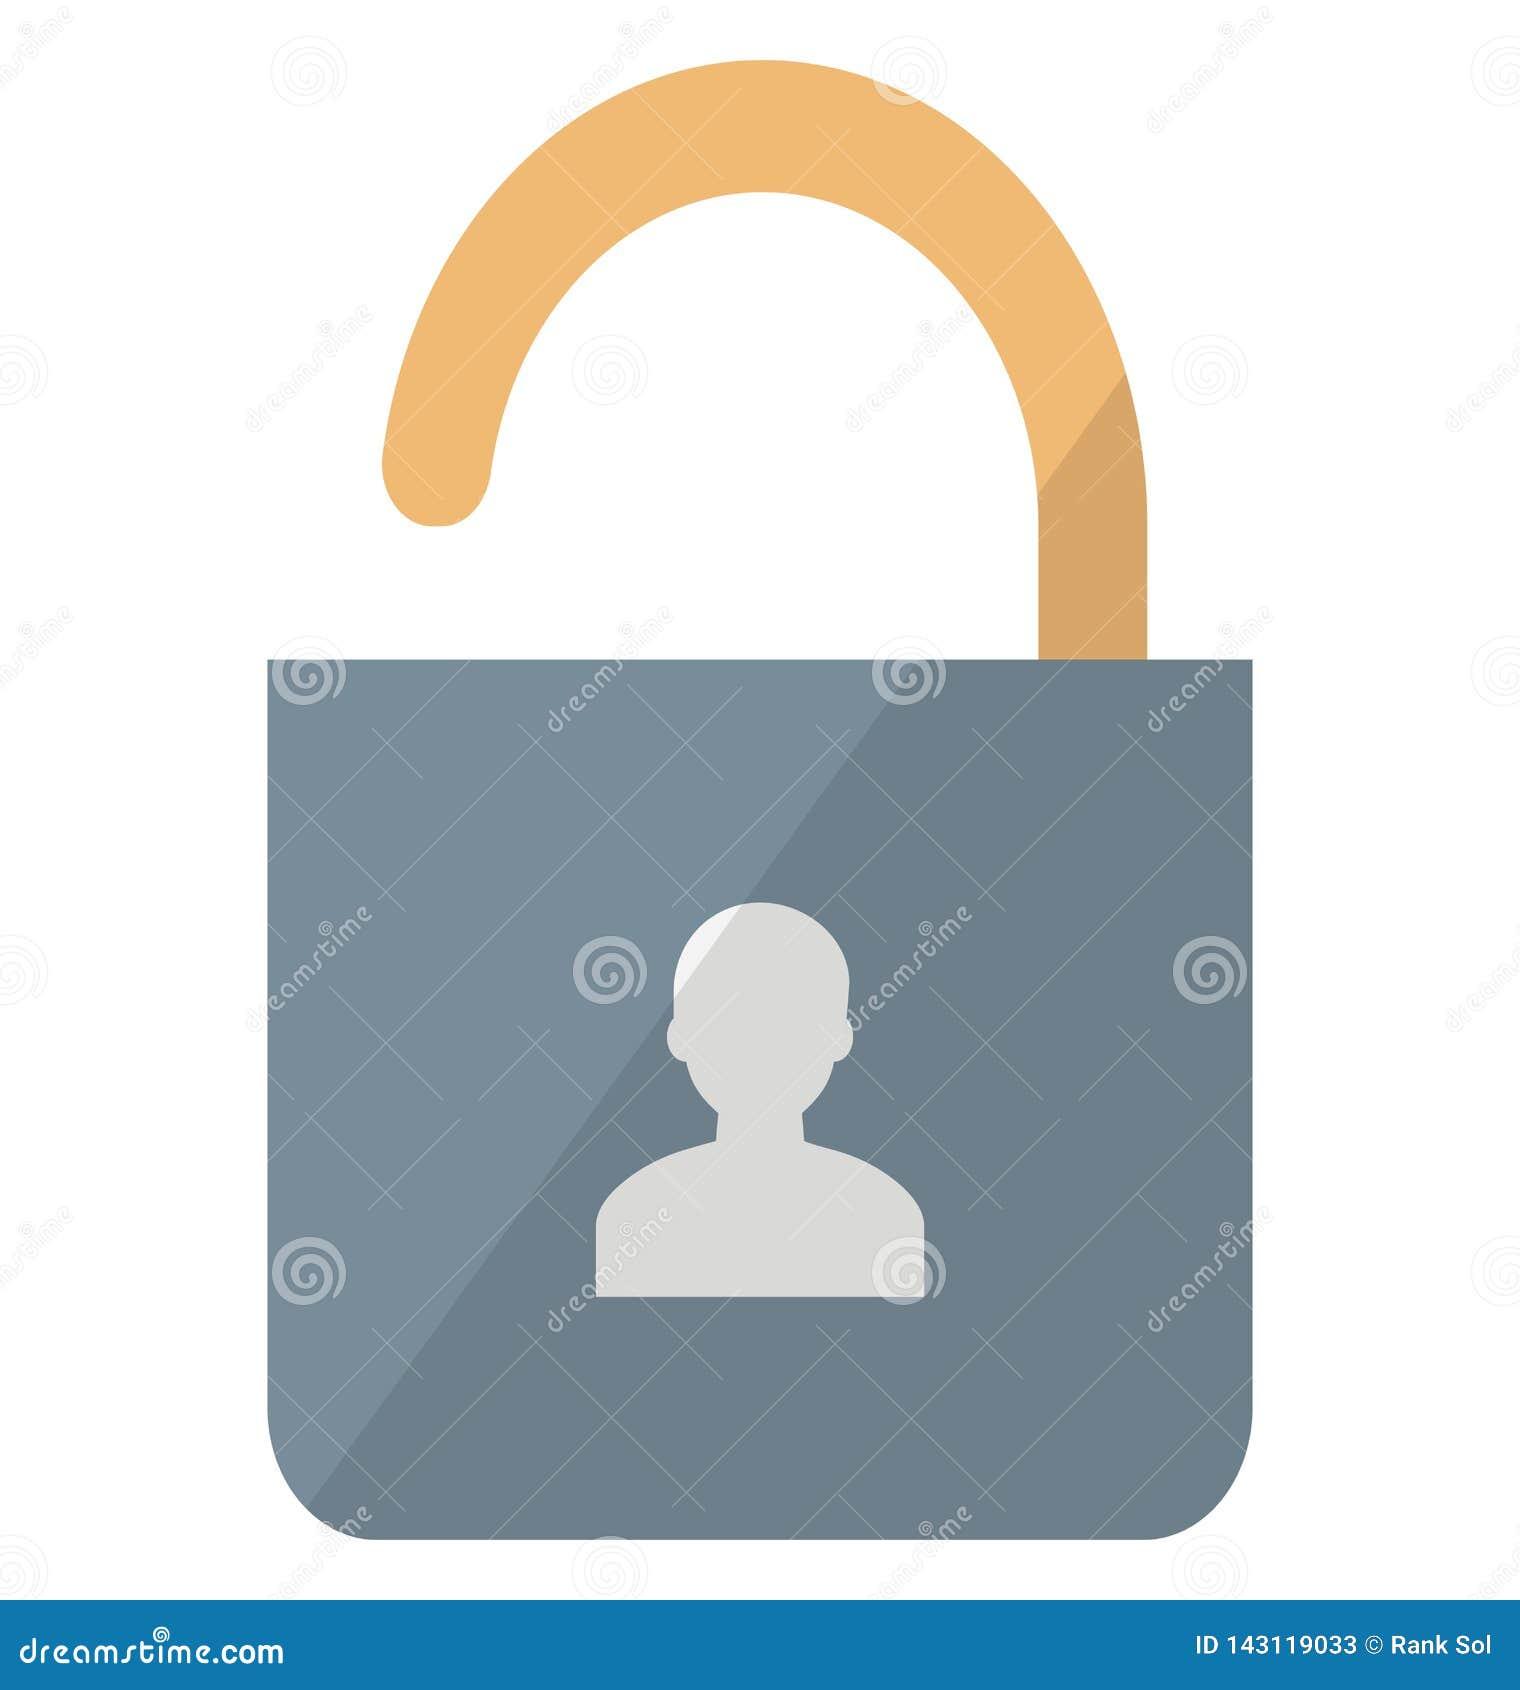 Dojazdowego uwierzytelnienia Wektorowa ikona która może łatwo redagować lub modyfikować